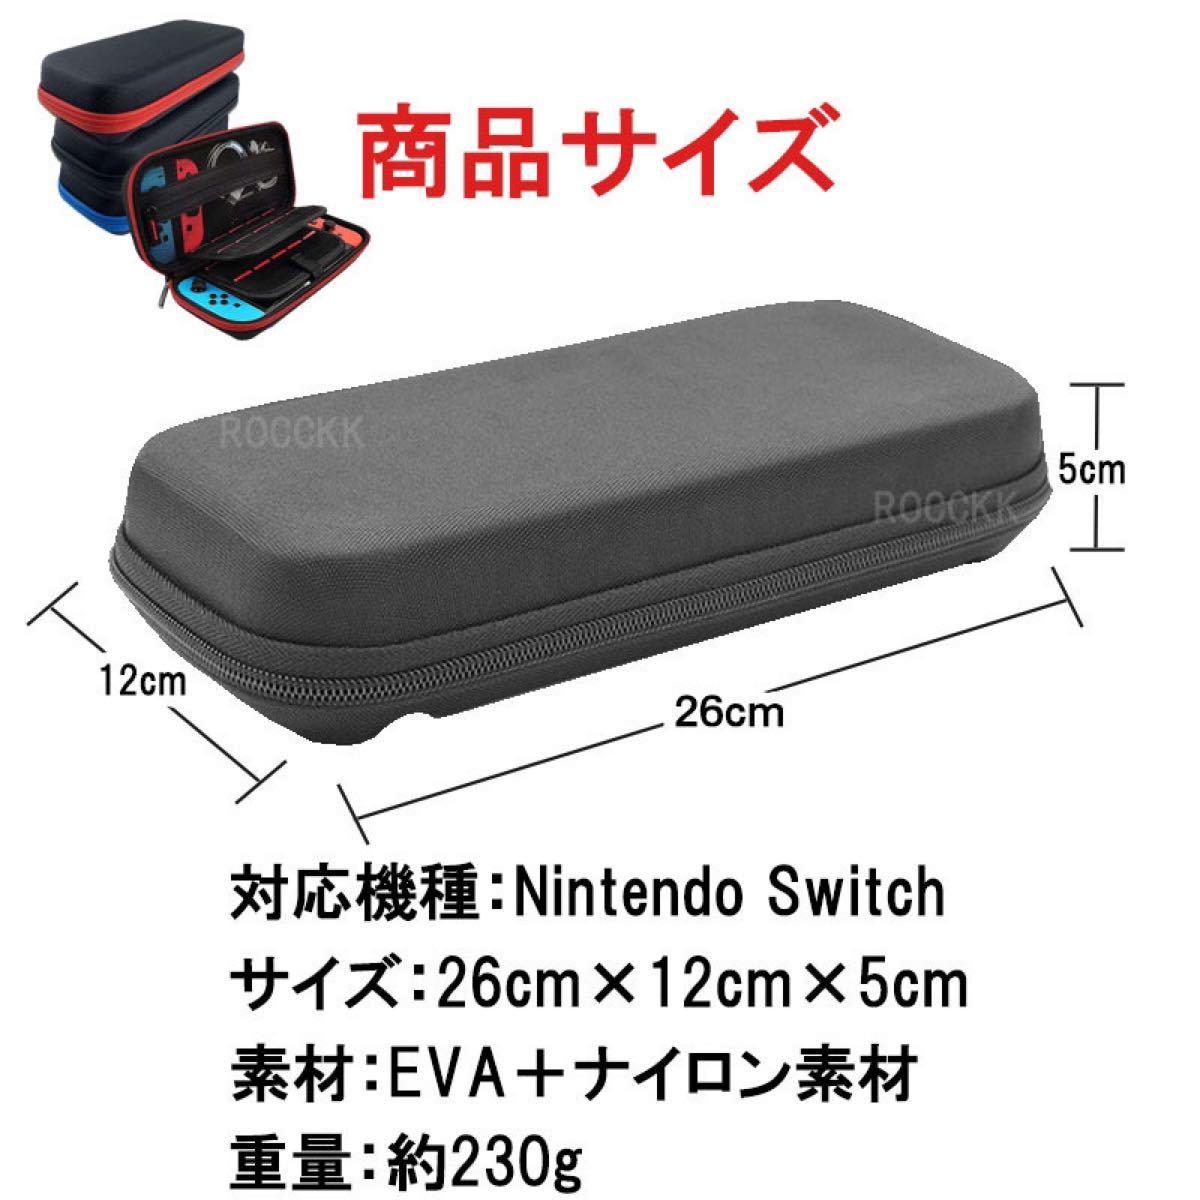 Nintendo Switch ケース 青 ニンテンドー スイッチ ソフト20個